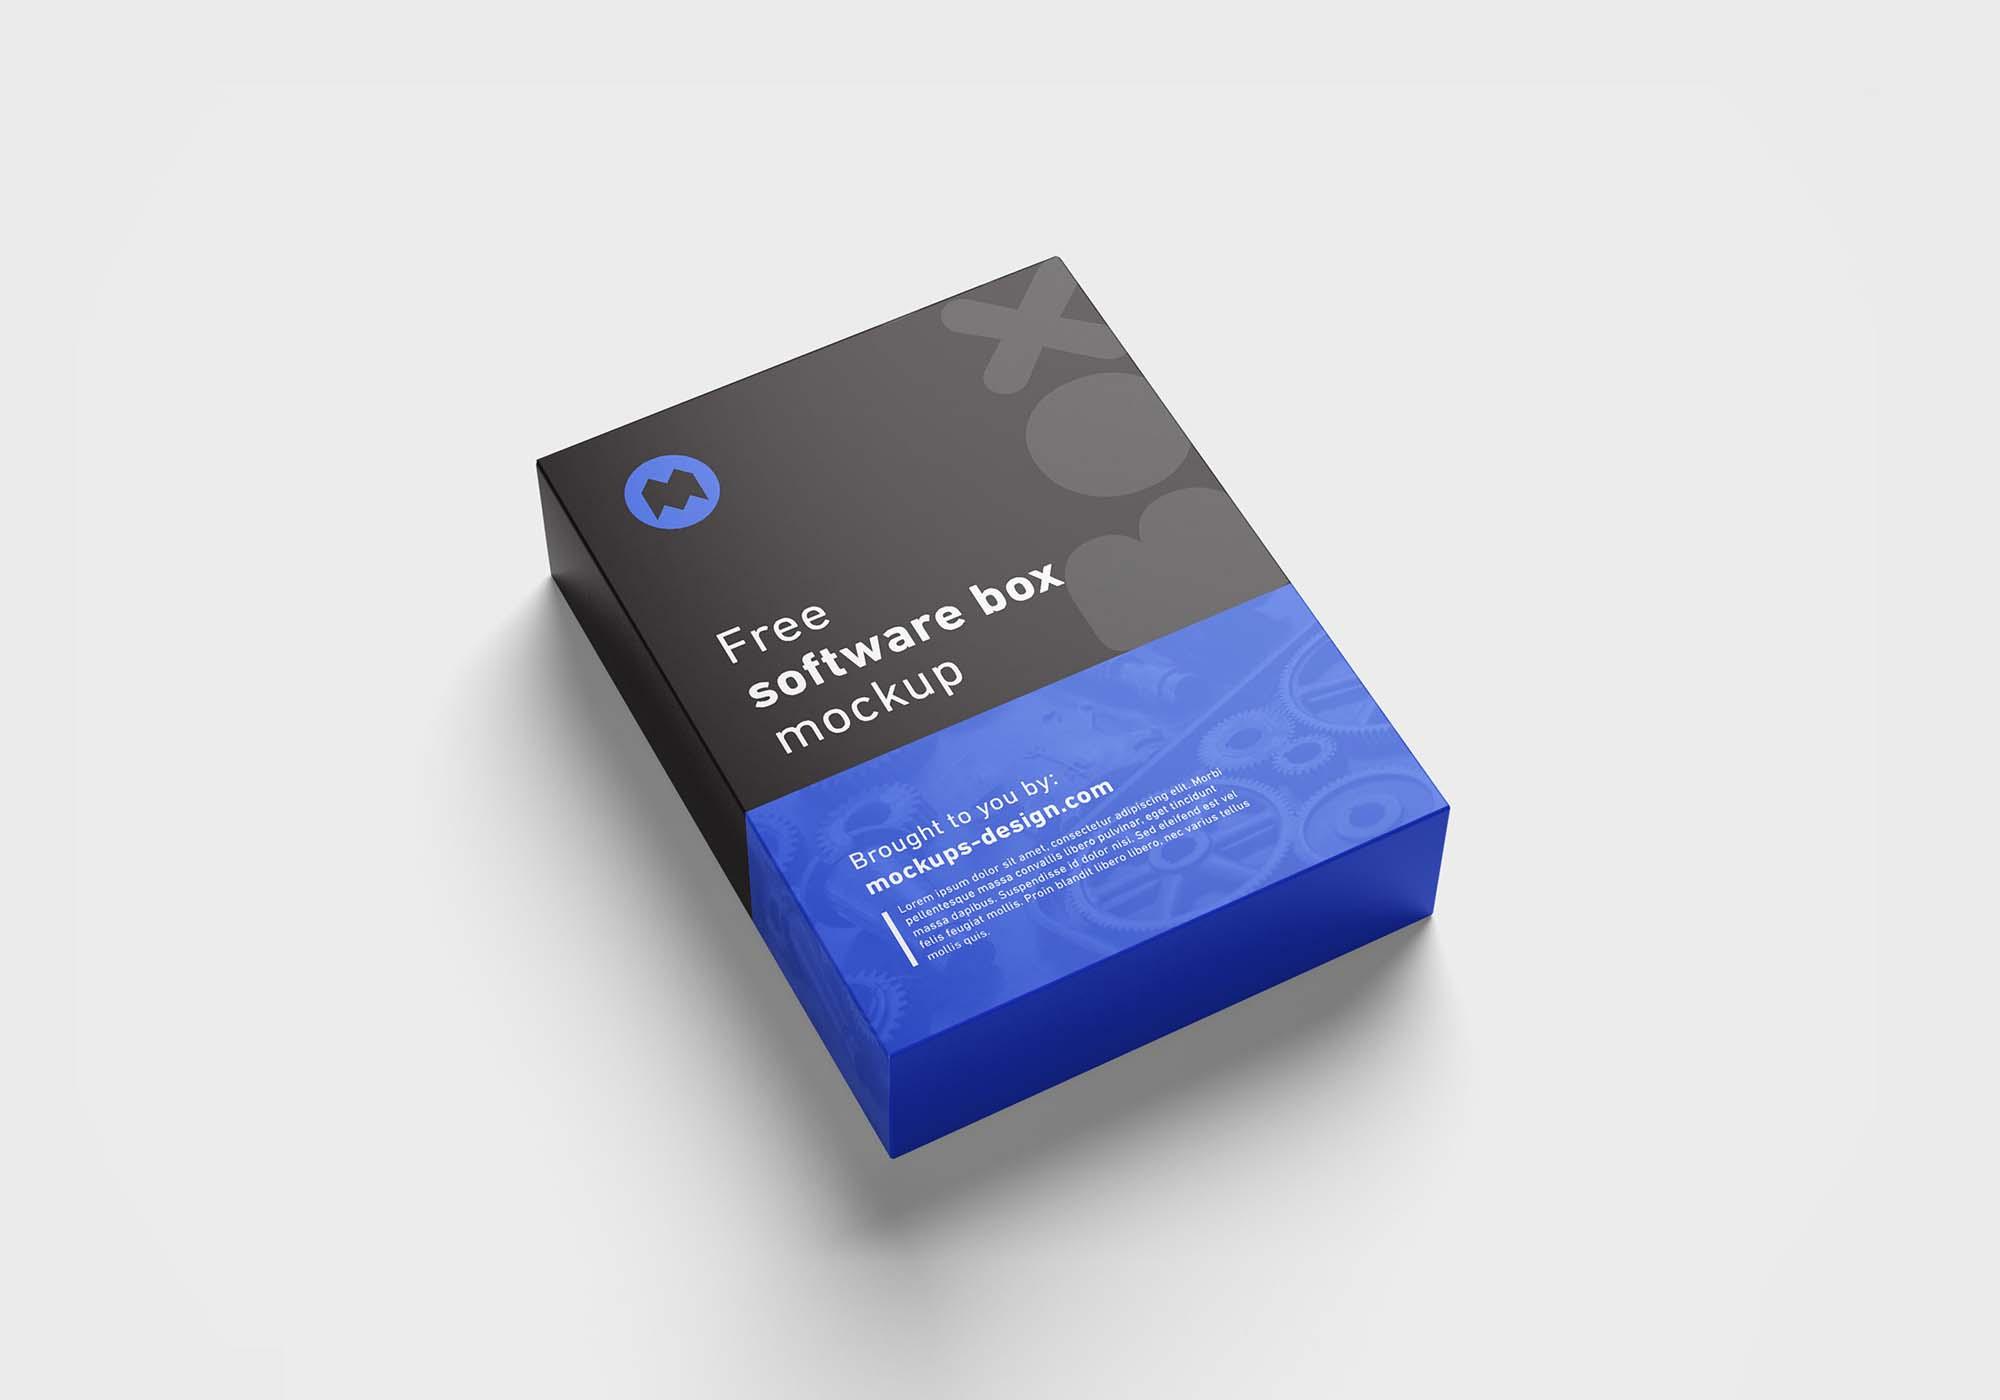 Software Box Mockup 3